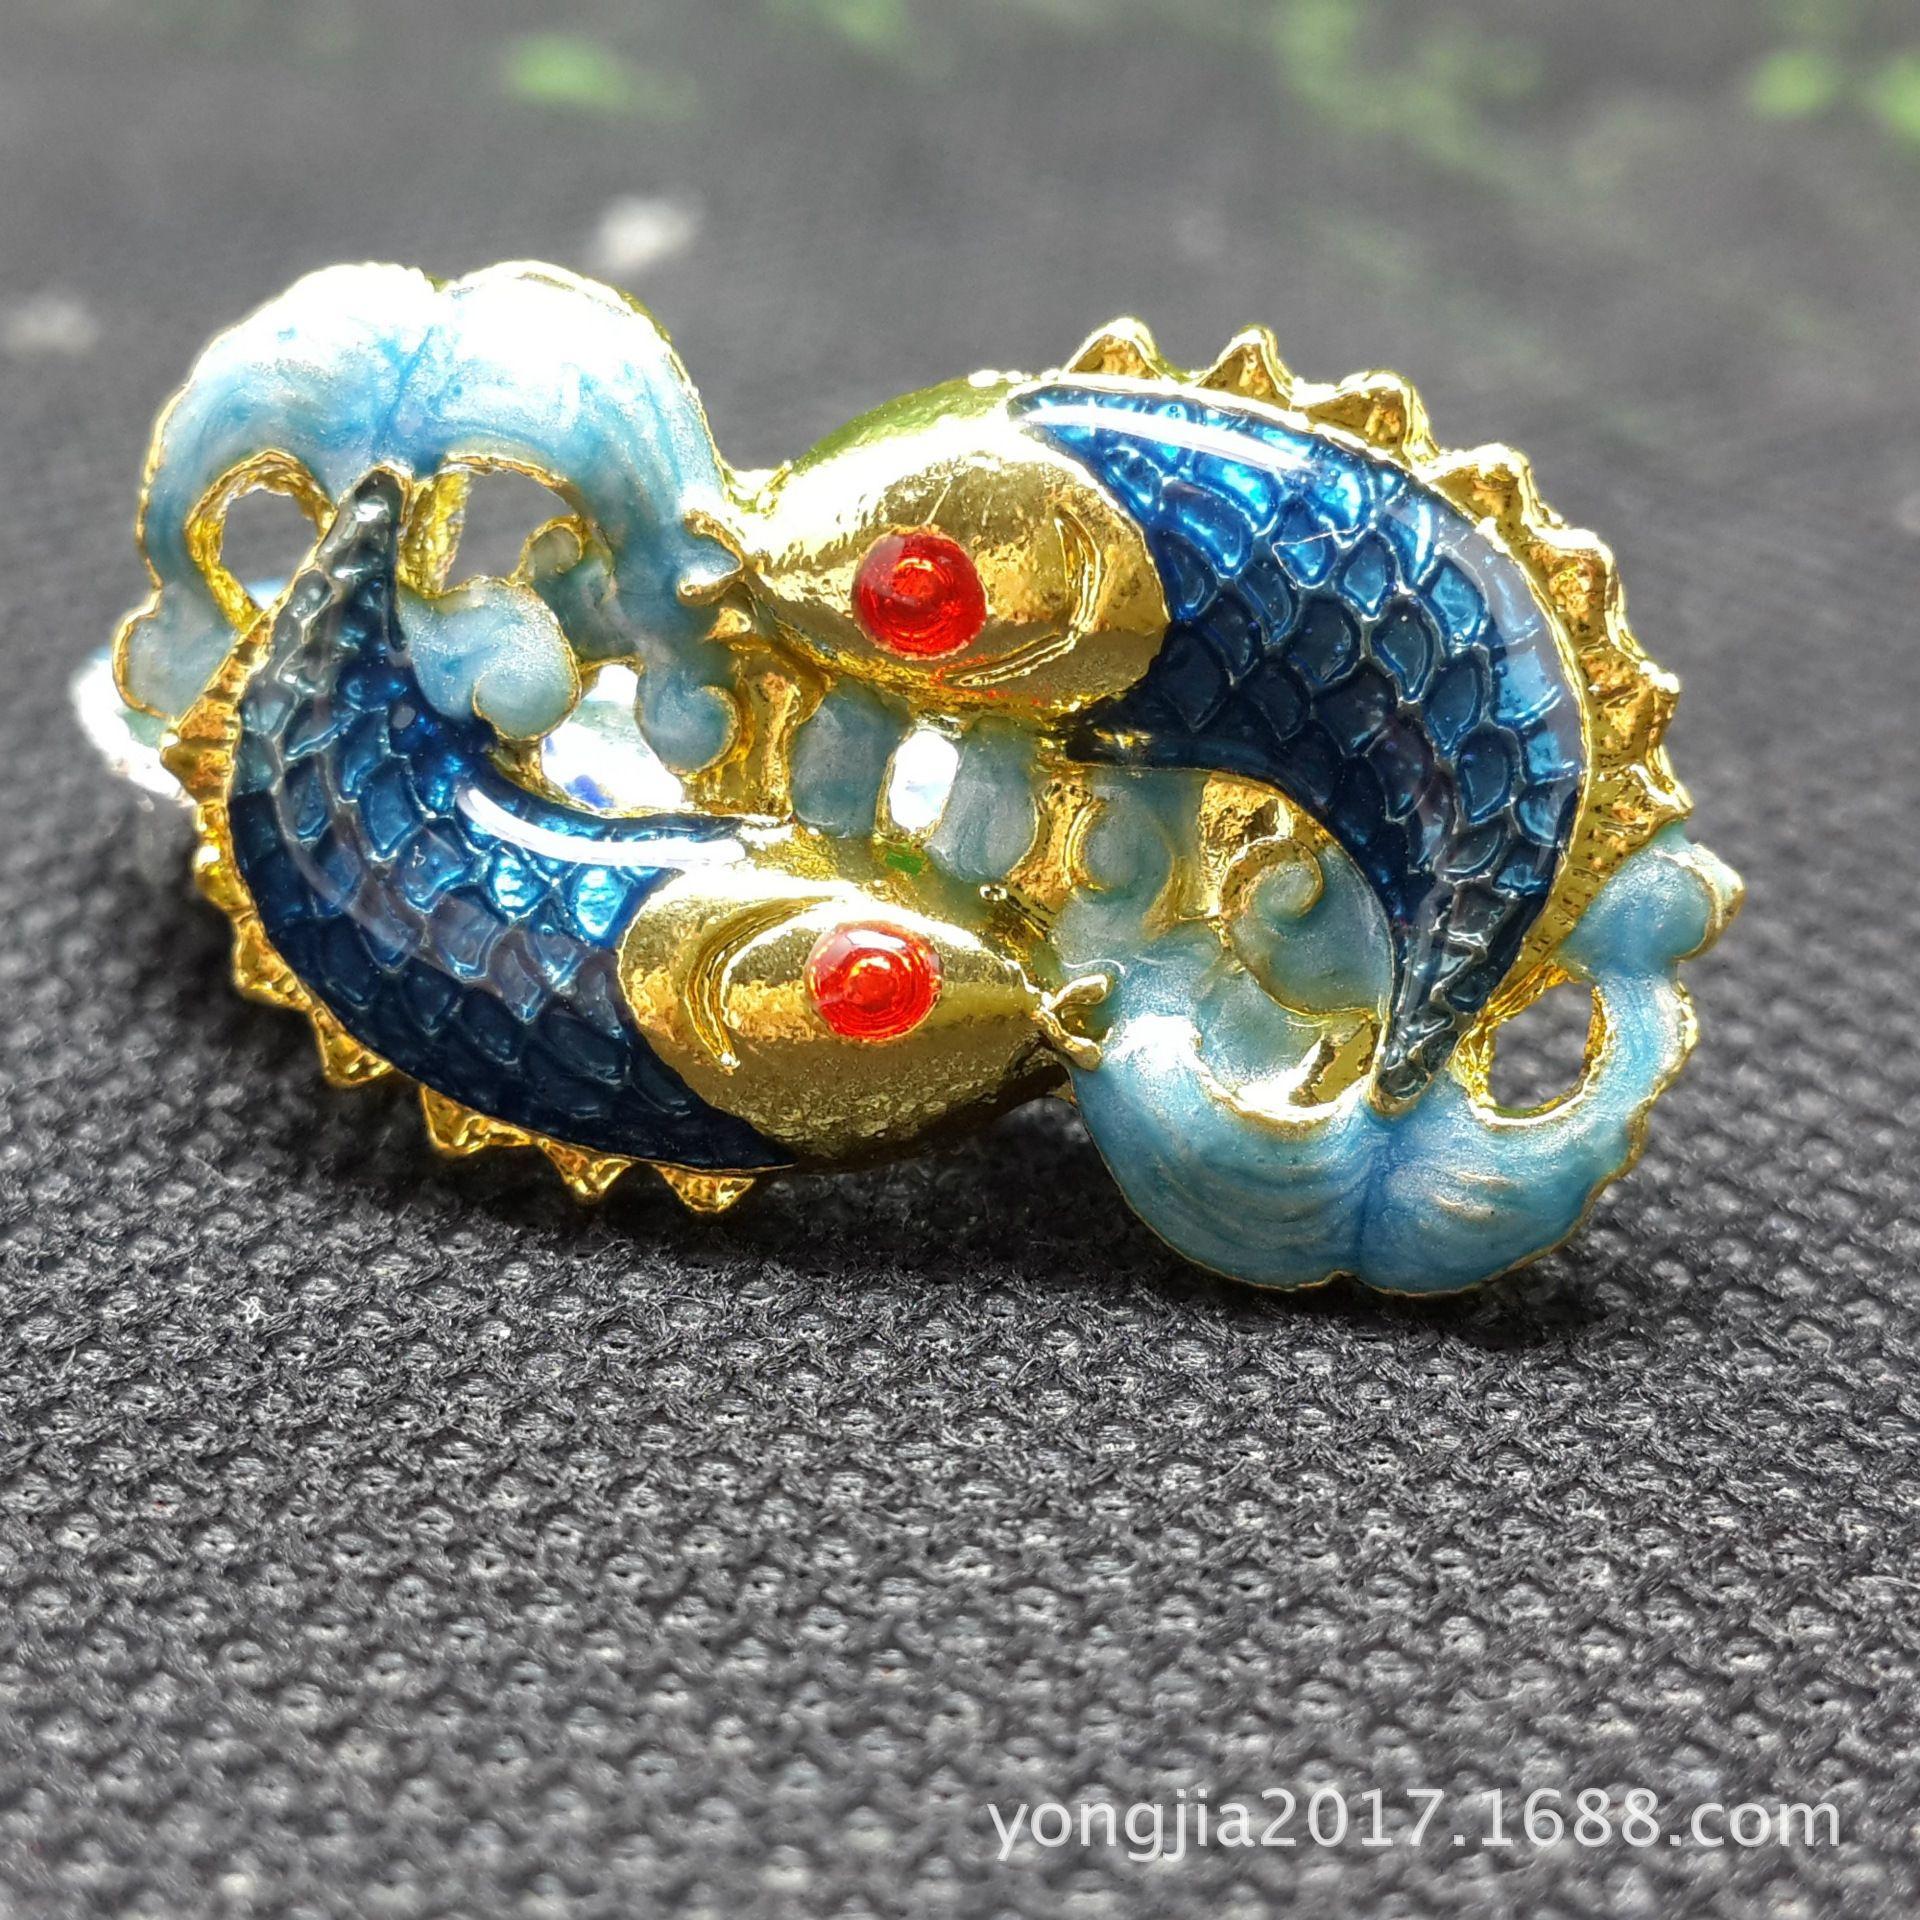 VGhhU Fische Cloisonné Zubehör Sellerie handgemachte Accessoires blaue Emaille Farbe Fisch Legierung tropft Öl handgemachte Materialien altes Kostüm